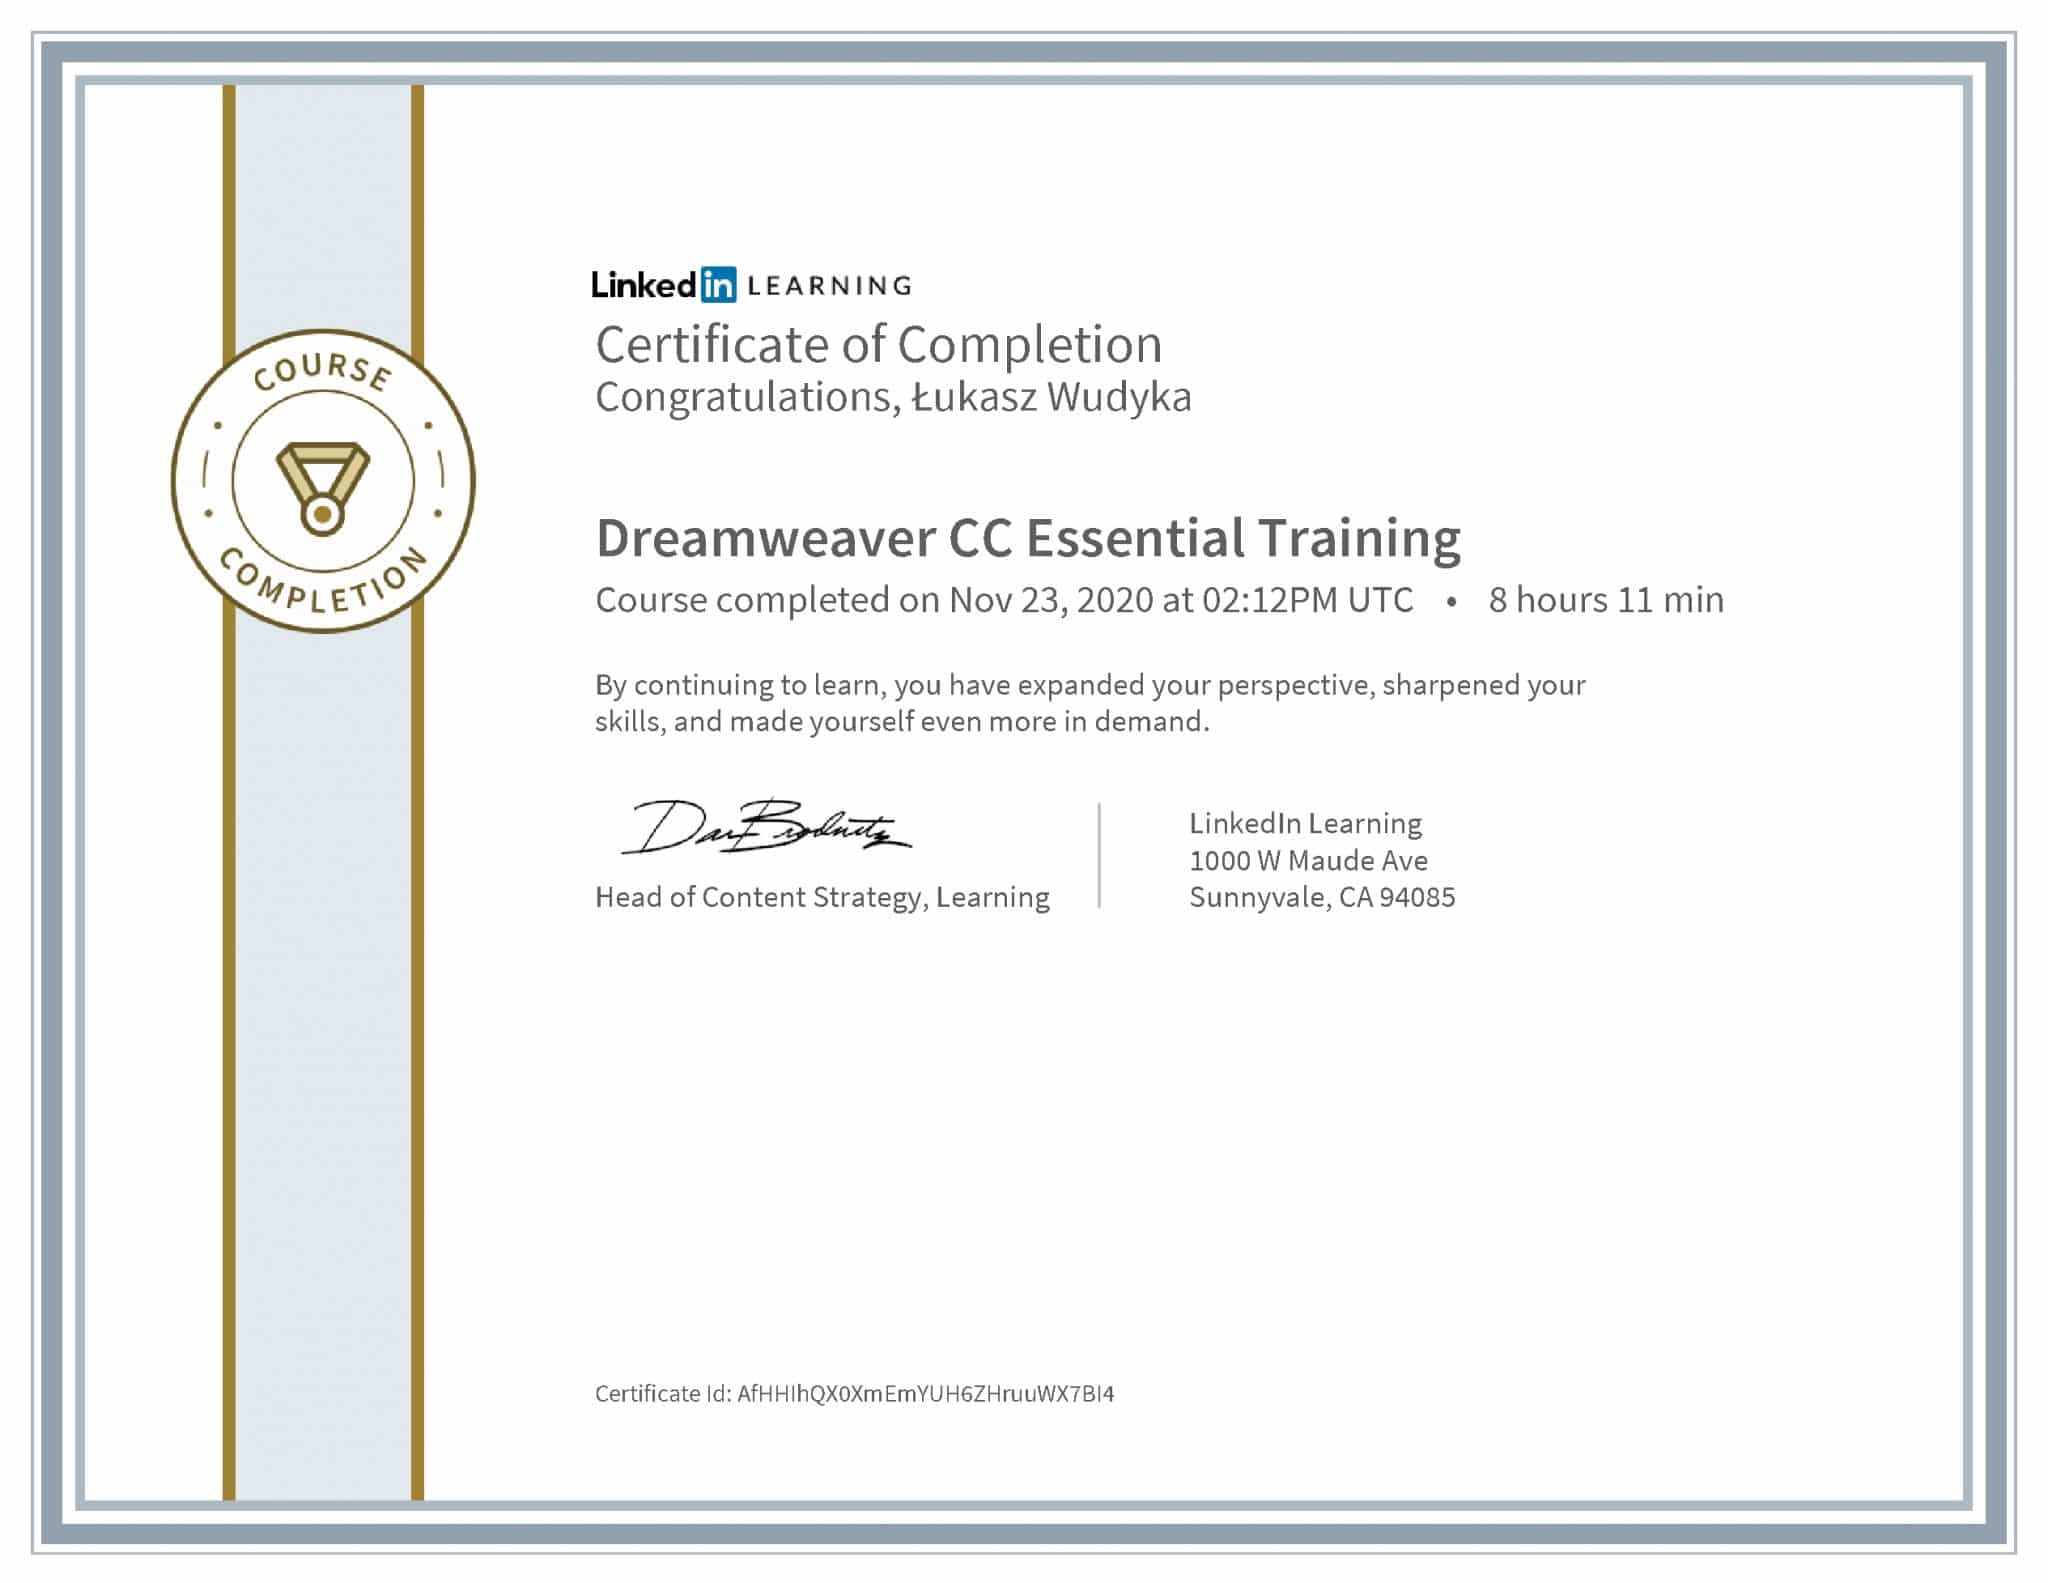 Łukasz Wudyka certyfikat LinkedIn Dreamweaver CC Essential Training